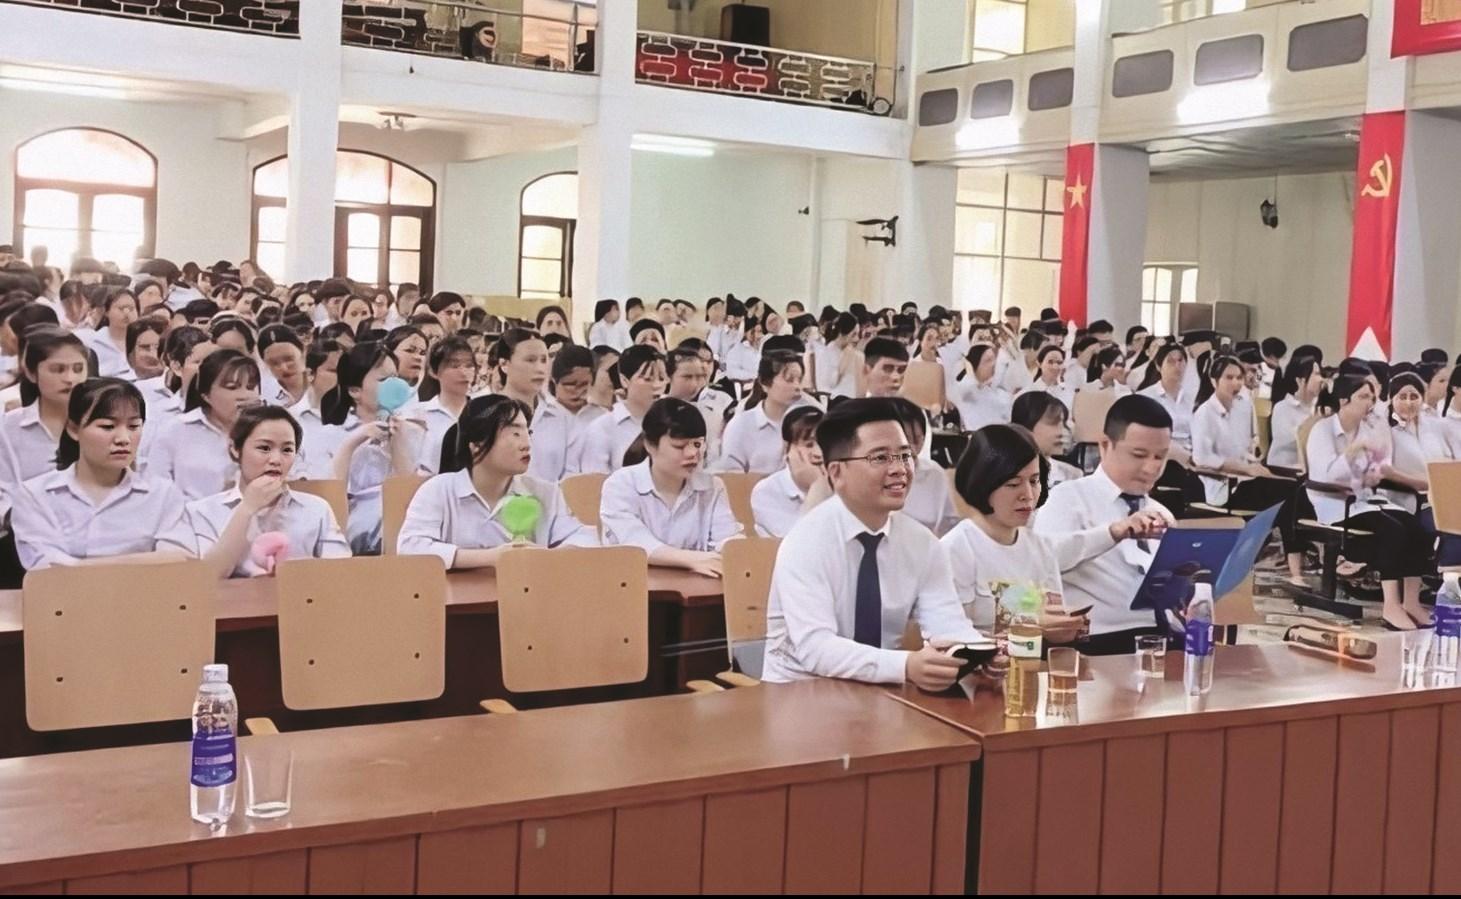 Buổi hướng nghiệp được Trường Hữu Nghị 80 phối hợp với Thị đoàn Sơn Tây, TP. Hà Nội tổ chức. (Ảnh Trường Hữu Nghị 80 cung cấp)